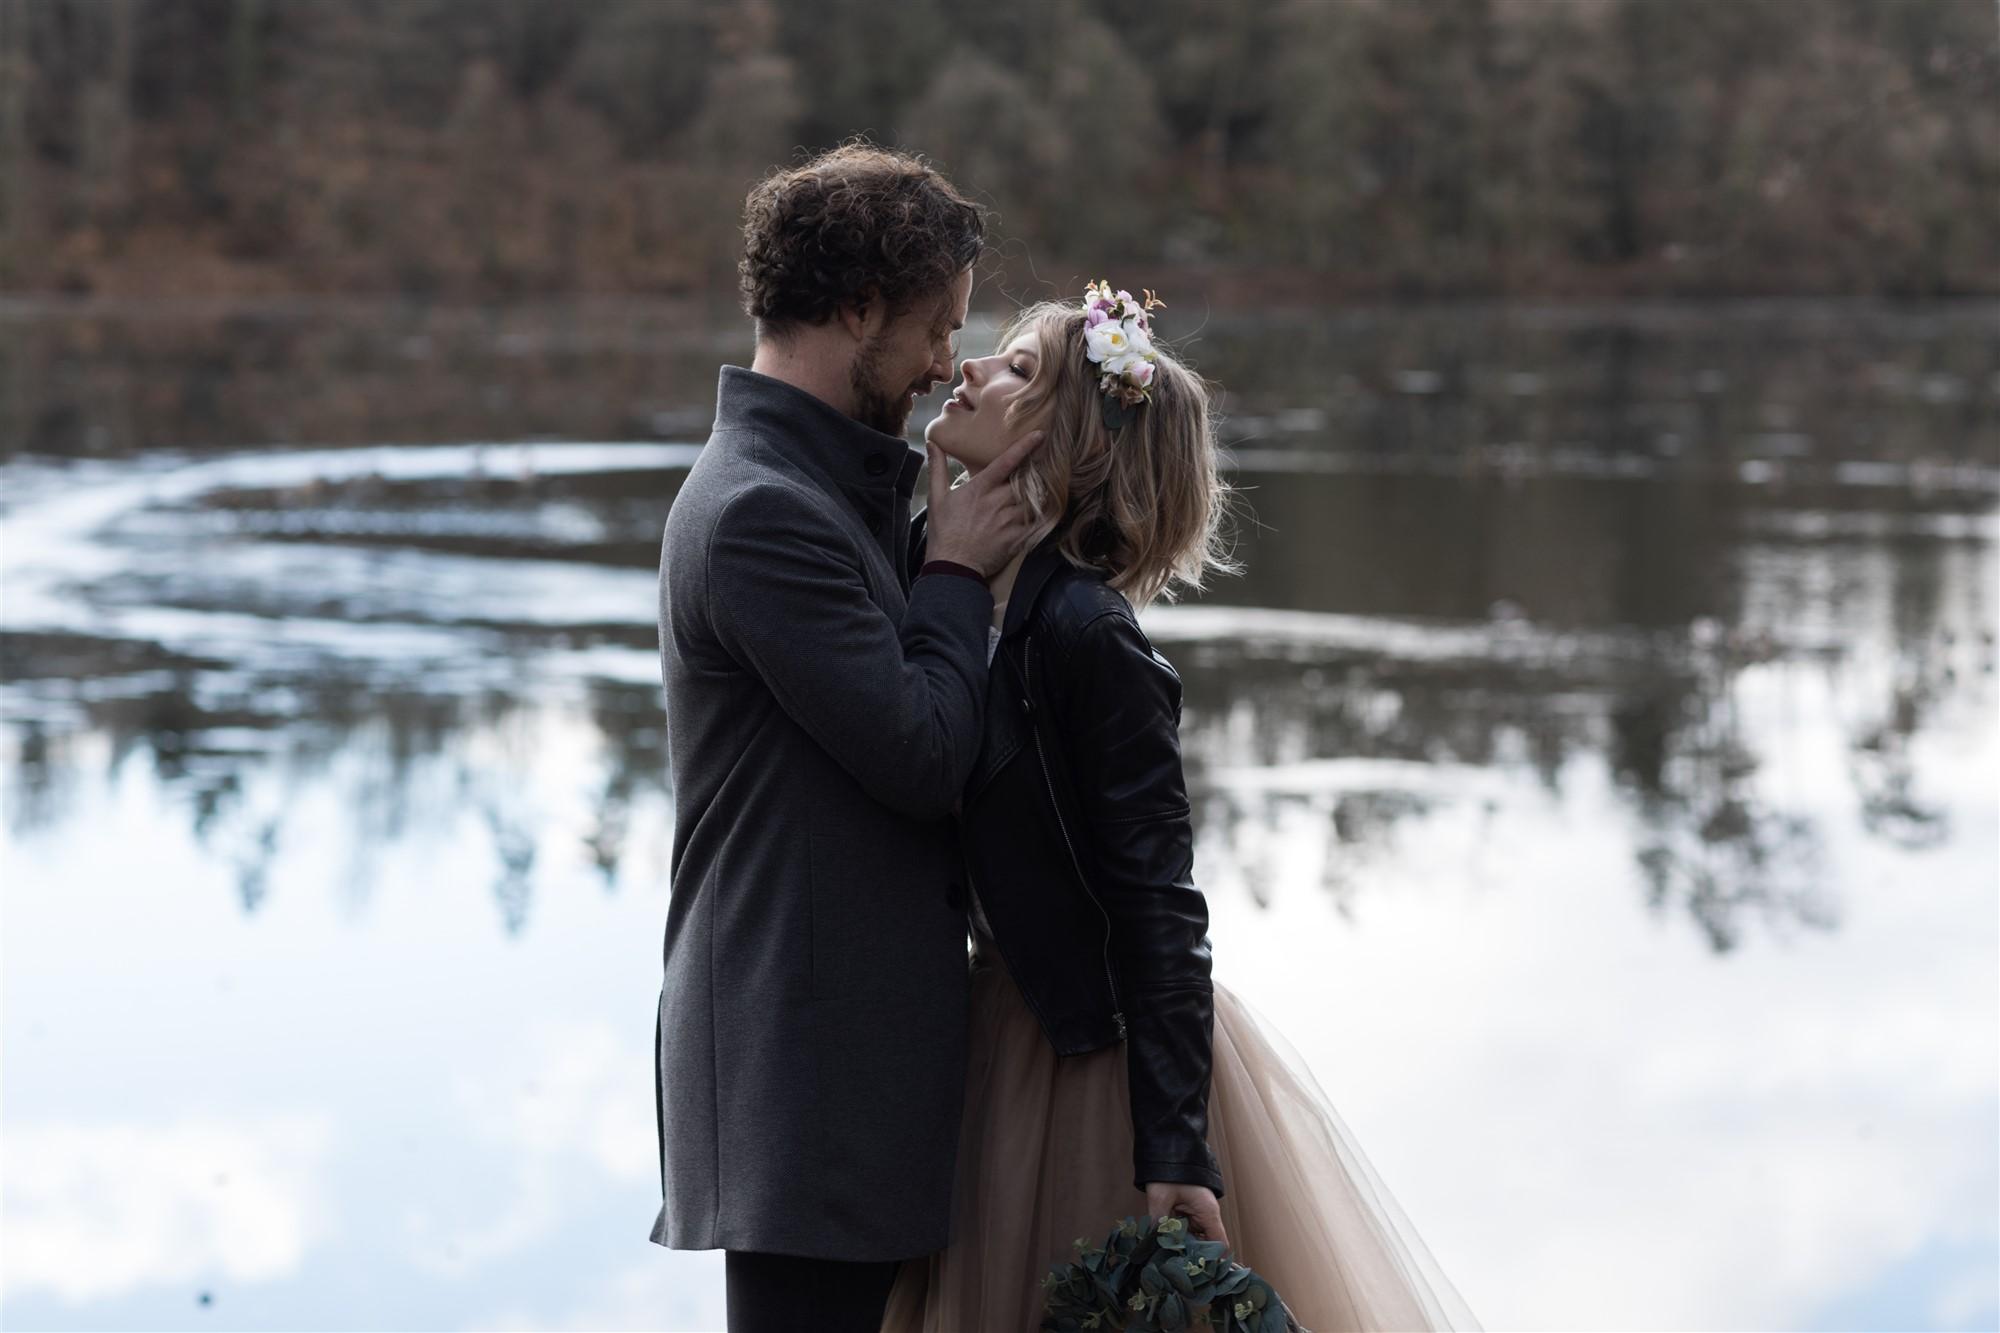 Romantisches Fotoshooting bei der Hochzeitsfotografin Nicole.Gallery